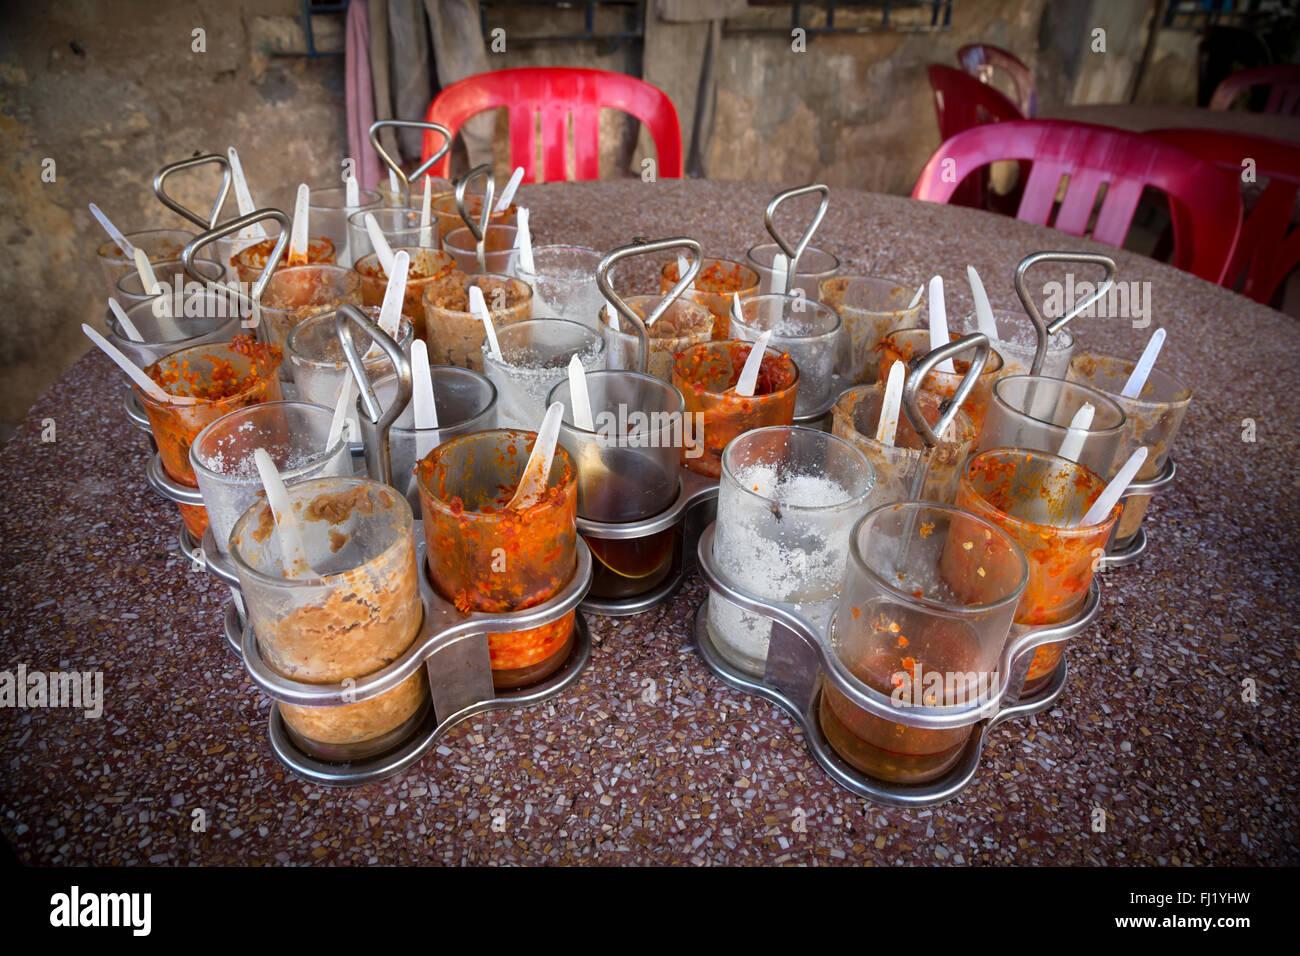 Especias y chiles en copas sobre una mesa en un restaurante de Kampot, Camboya Imagen De Stock